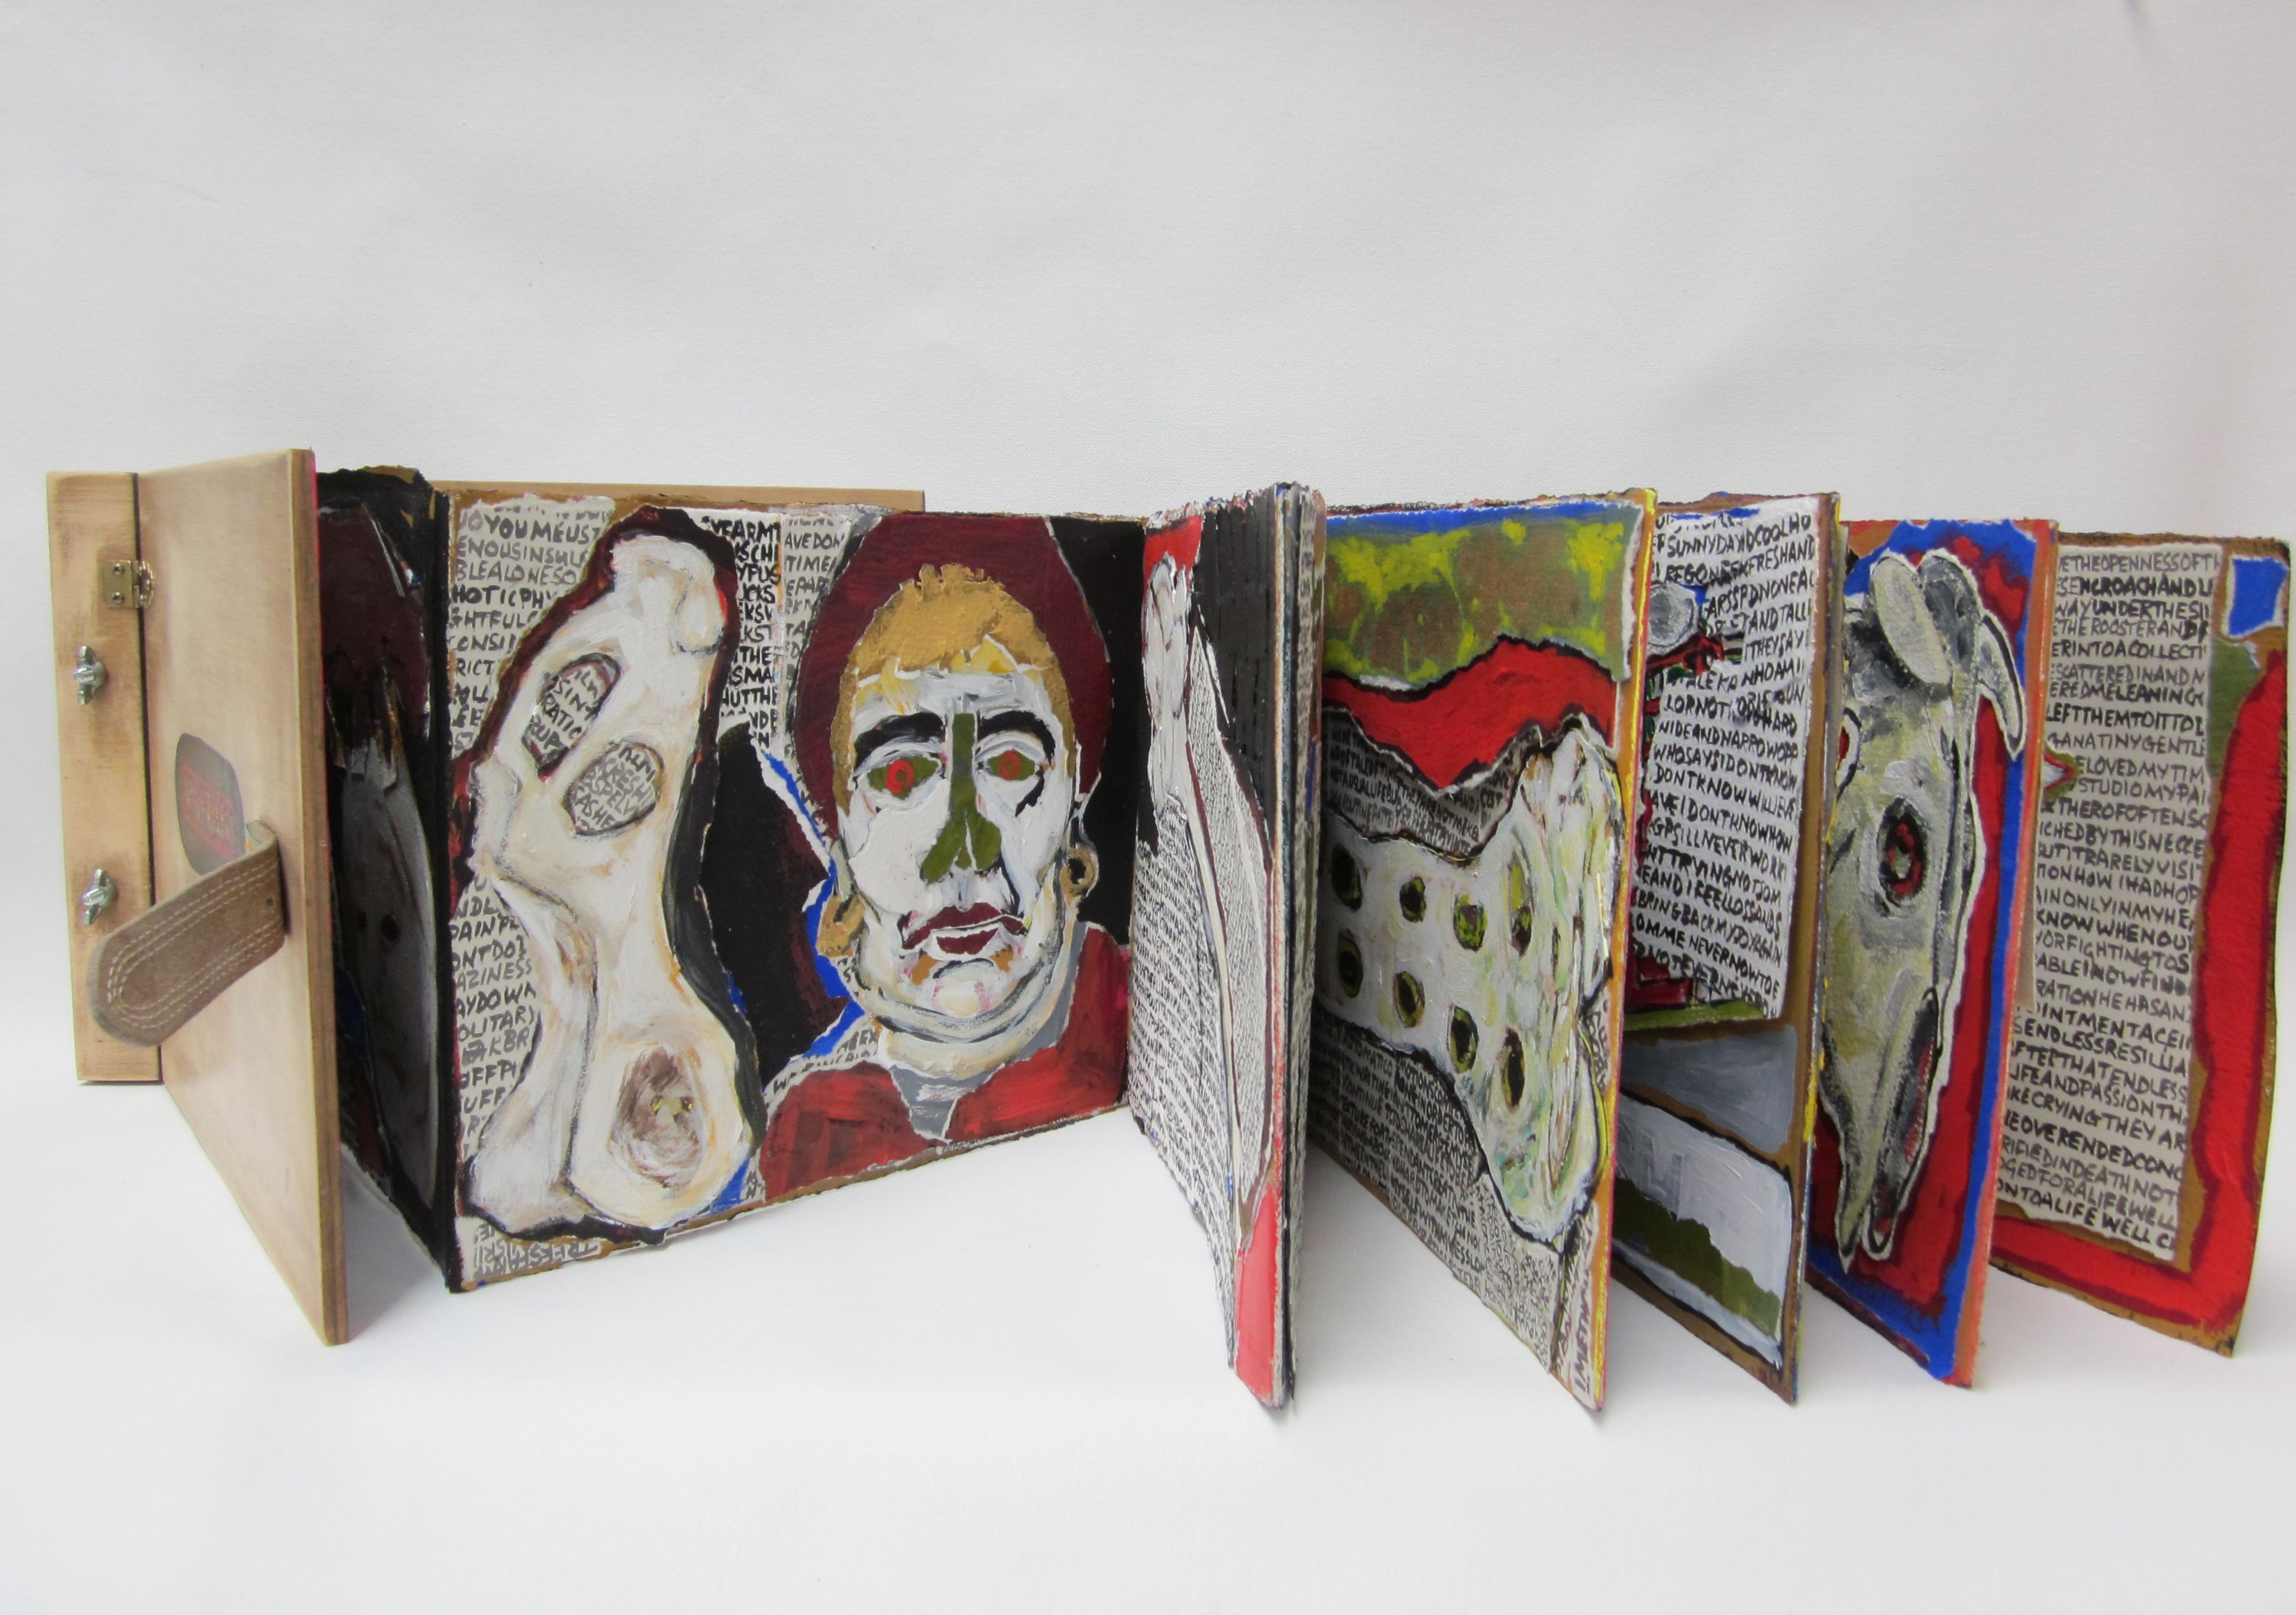 Archer_Suzanne_Vivarium_Artists Book_2013_Timber,leather,metal fittings,paper,acrylic paint_closed 22cm x 31cm_open 22cm x 311cm (2)